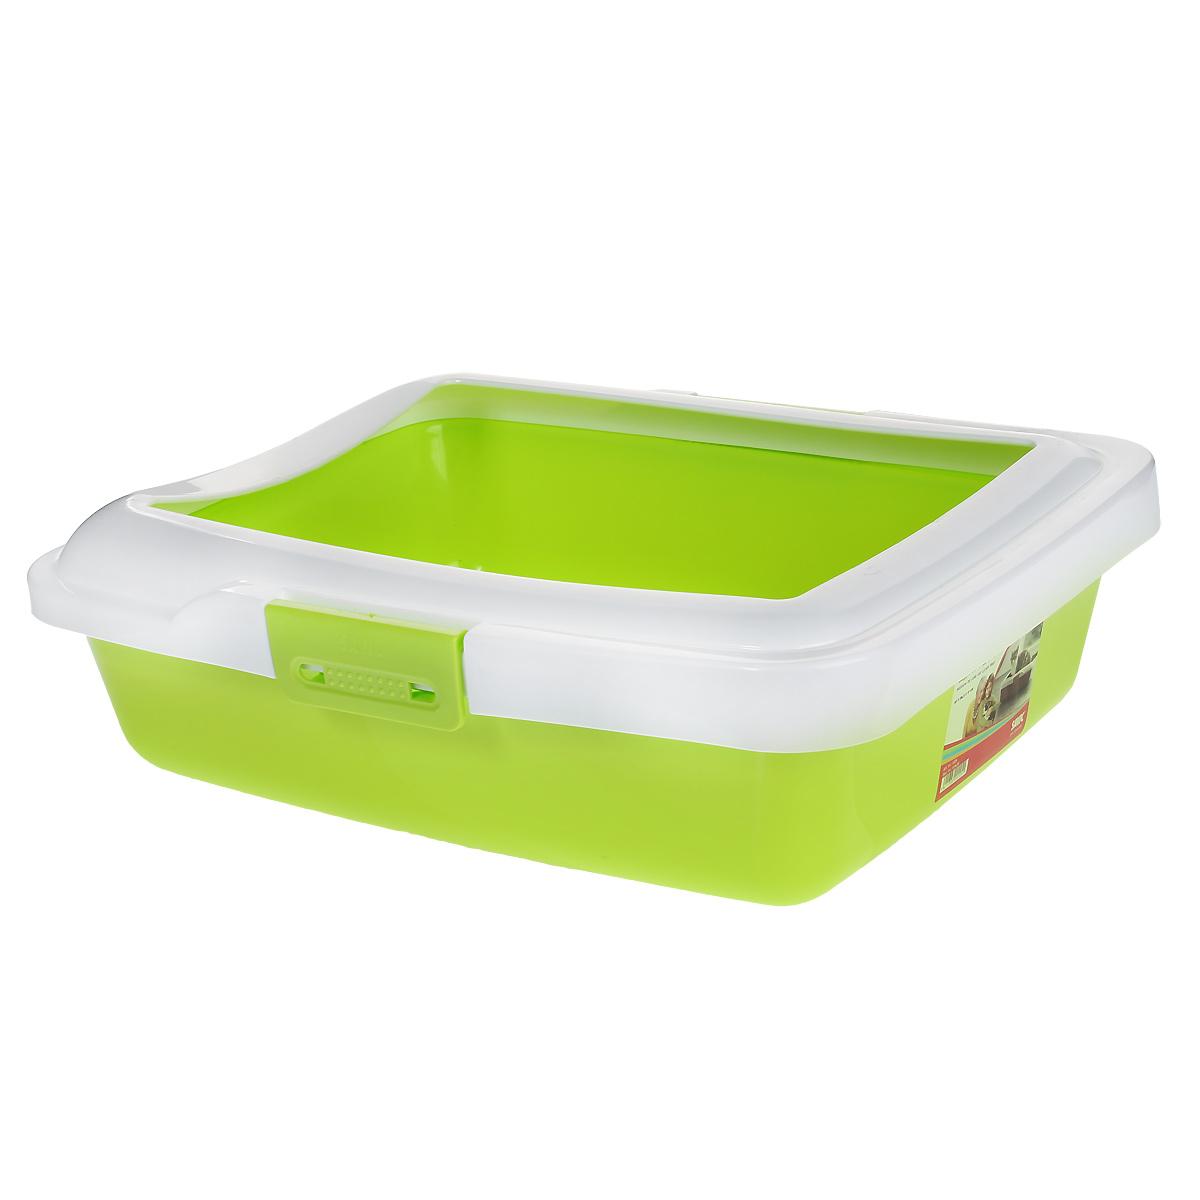 Туалет для кошек Savic Aristos Medium, с бортом, цвет: салатовый, 43 х 35 см0120710Туалет для кошек Savic Aristos Medium изготовлен из качественного прочного пластика. Высокий цветной борт, прикрепленный по периметру лотка замками, удобно защелкивается и предотвращает разбрасывание наполнителя. Это самый простой в употреблении предмет обихода для кошек и котов.